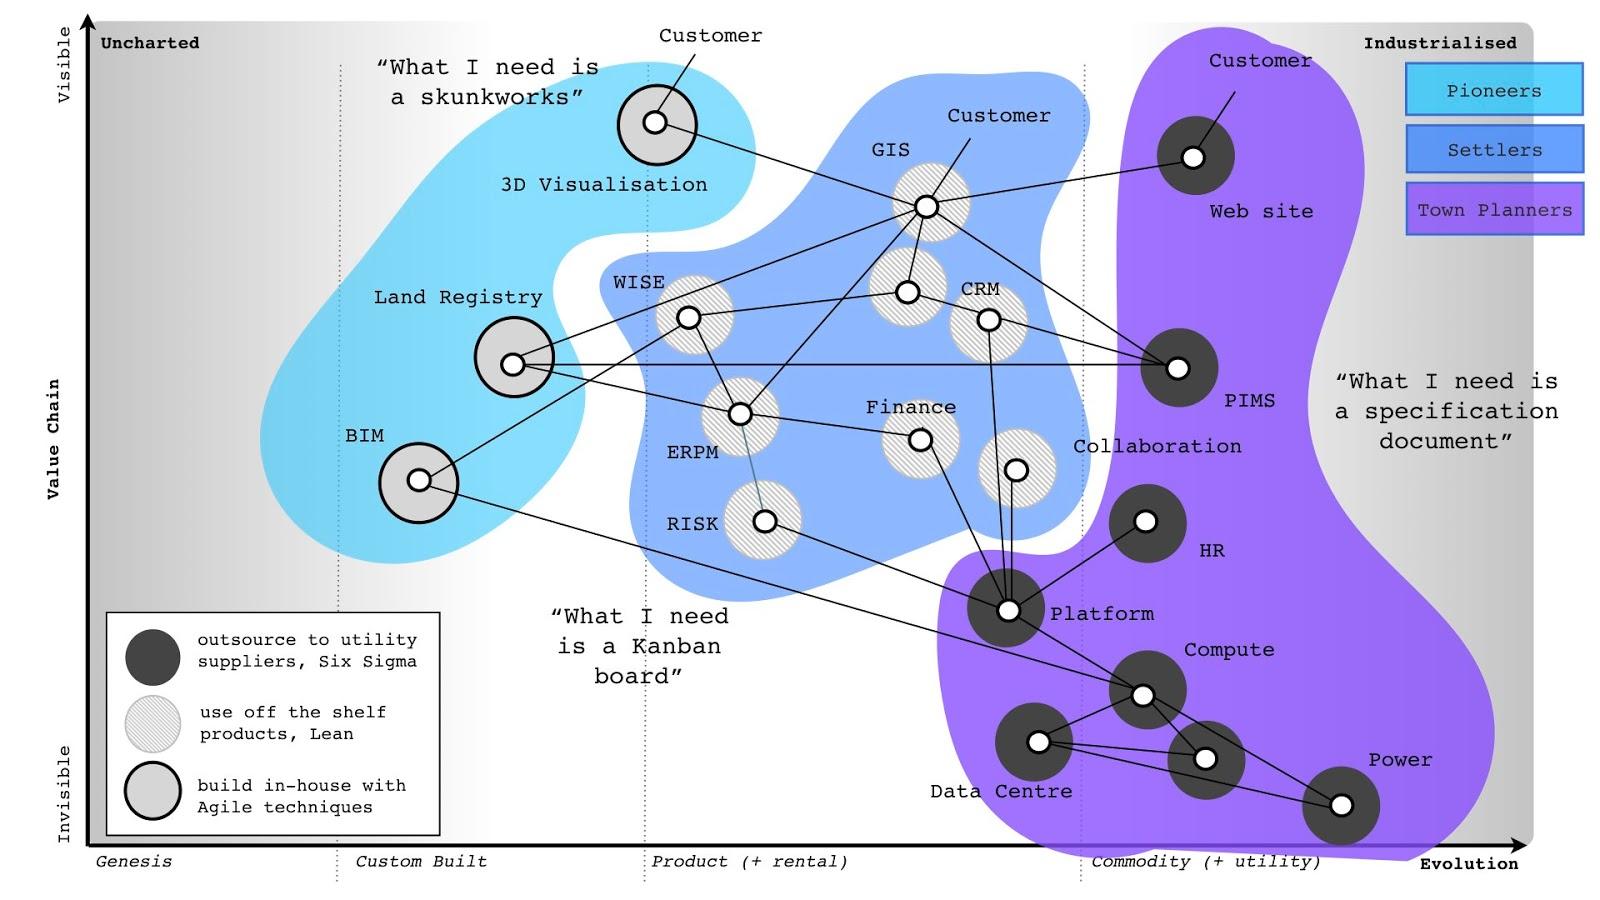 Schematische Darstellung des Pioneers, Settlers & Townplanners-Modells.